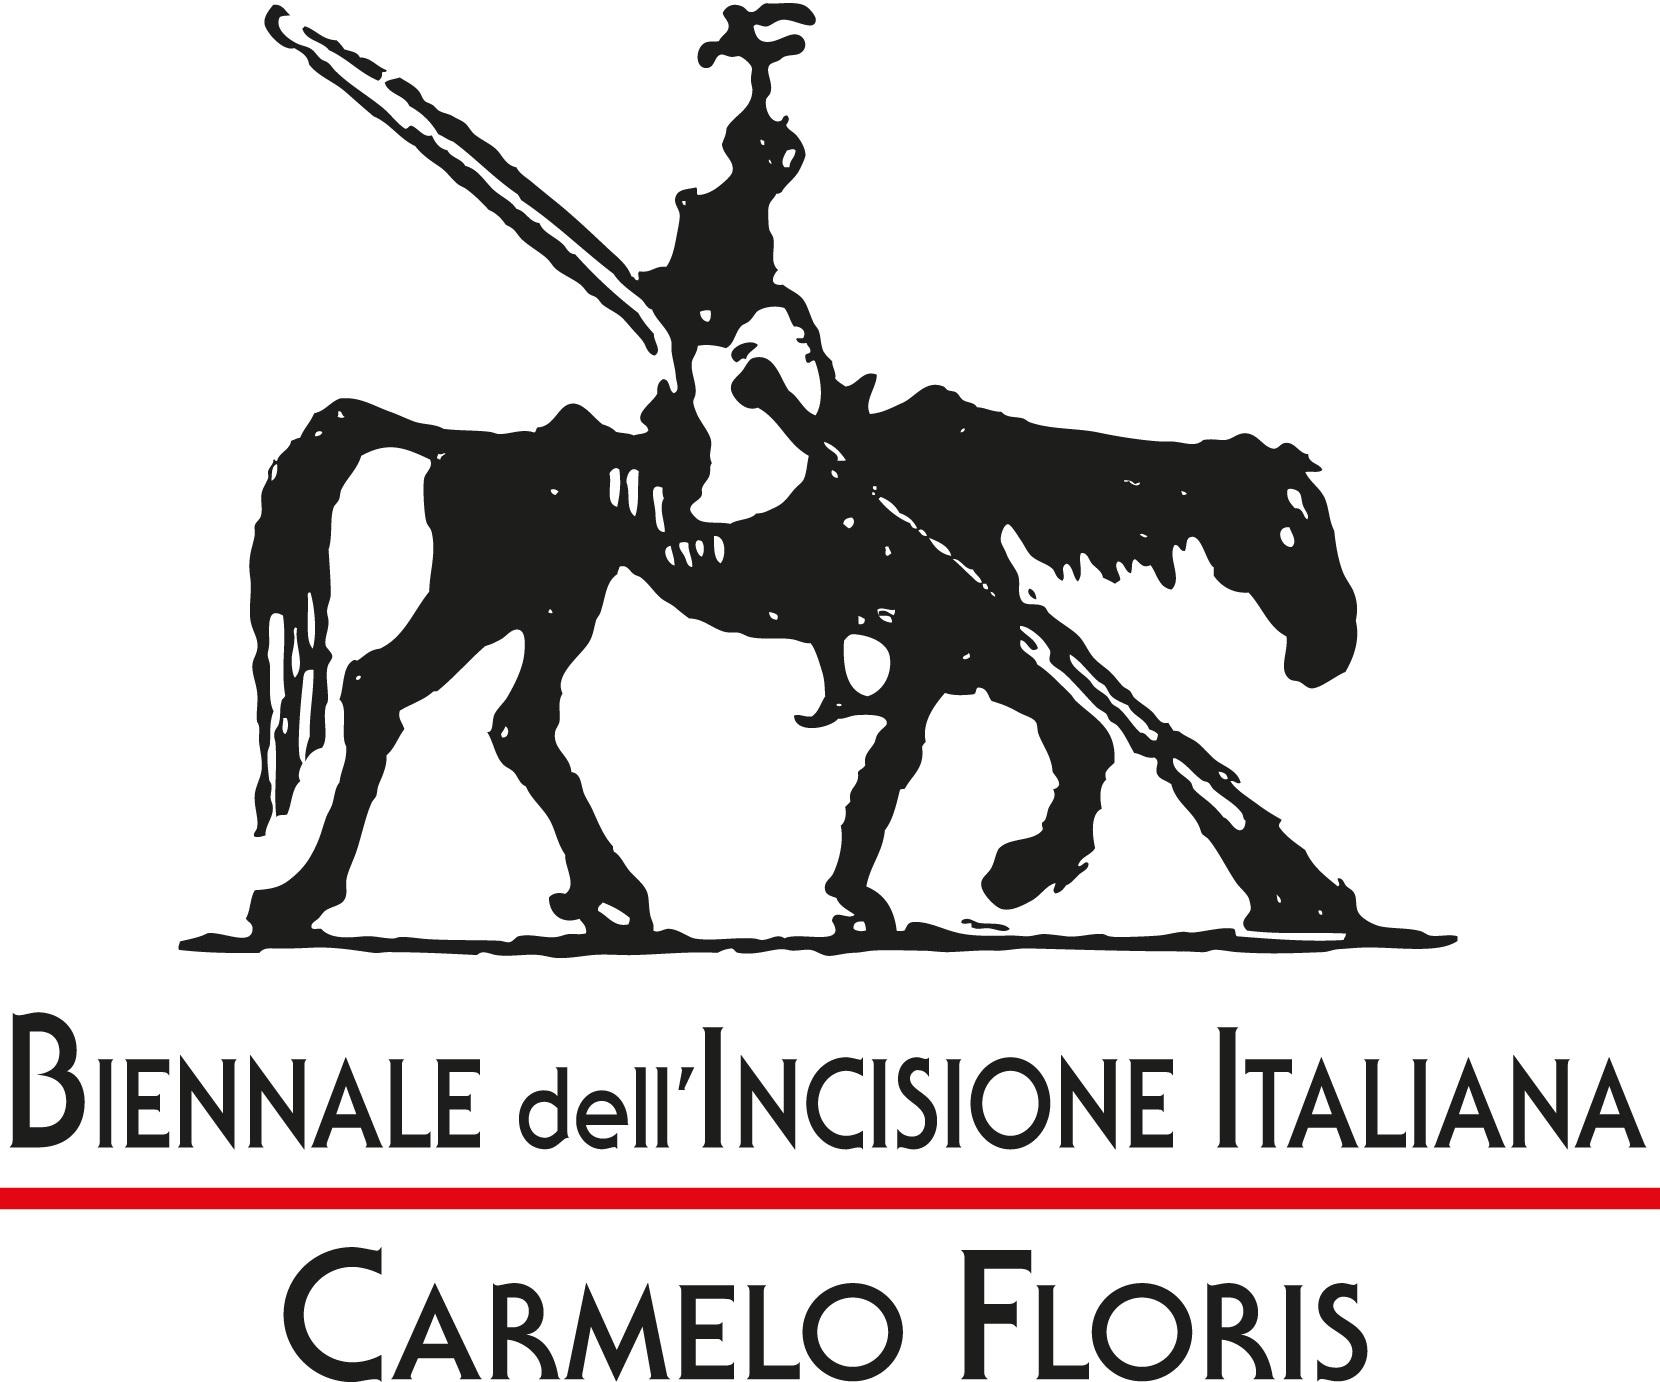 AL VIA LA TERZA BIENNALE DELL'INCISIONE ITALIANA con il patrocinio del Mibact